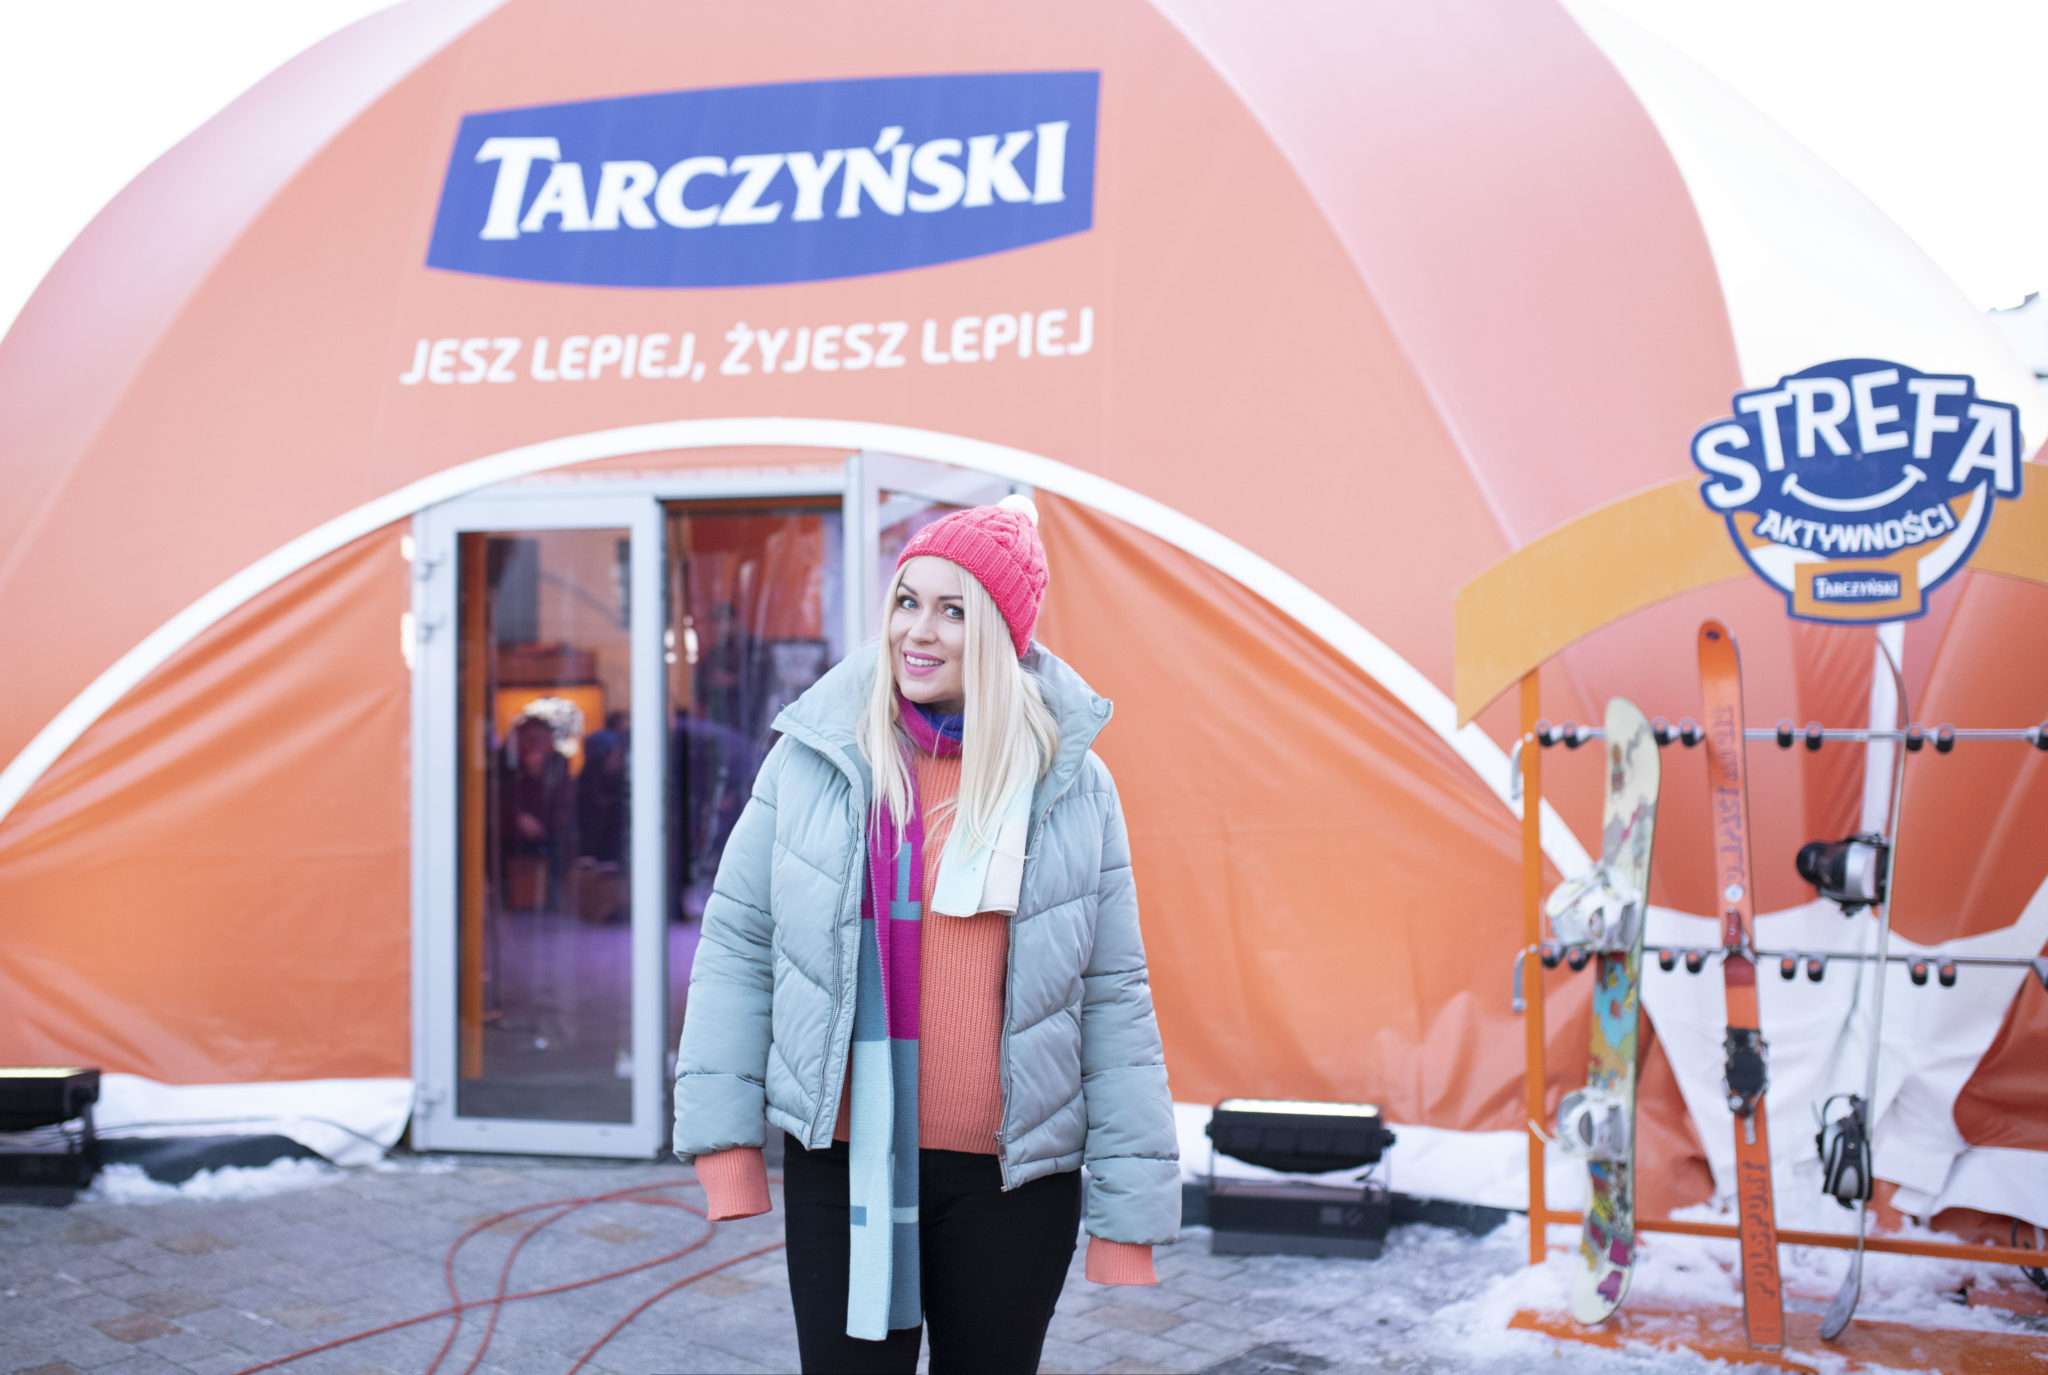 strefa aktywności tarczyński, tarczyński, zakopane